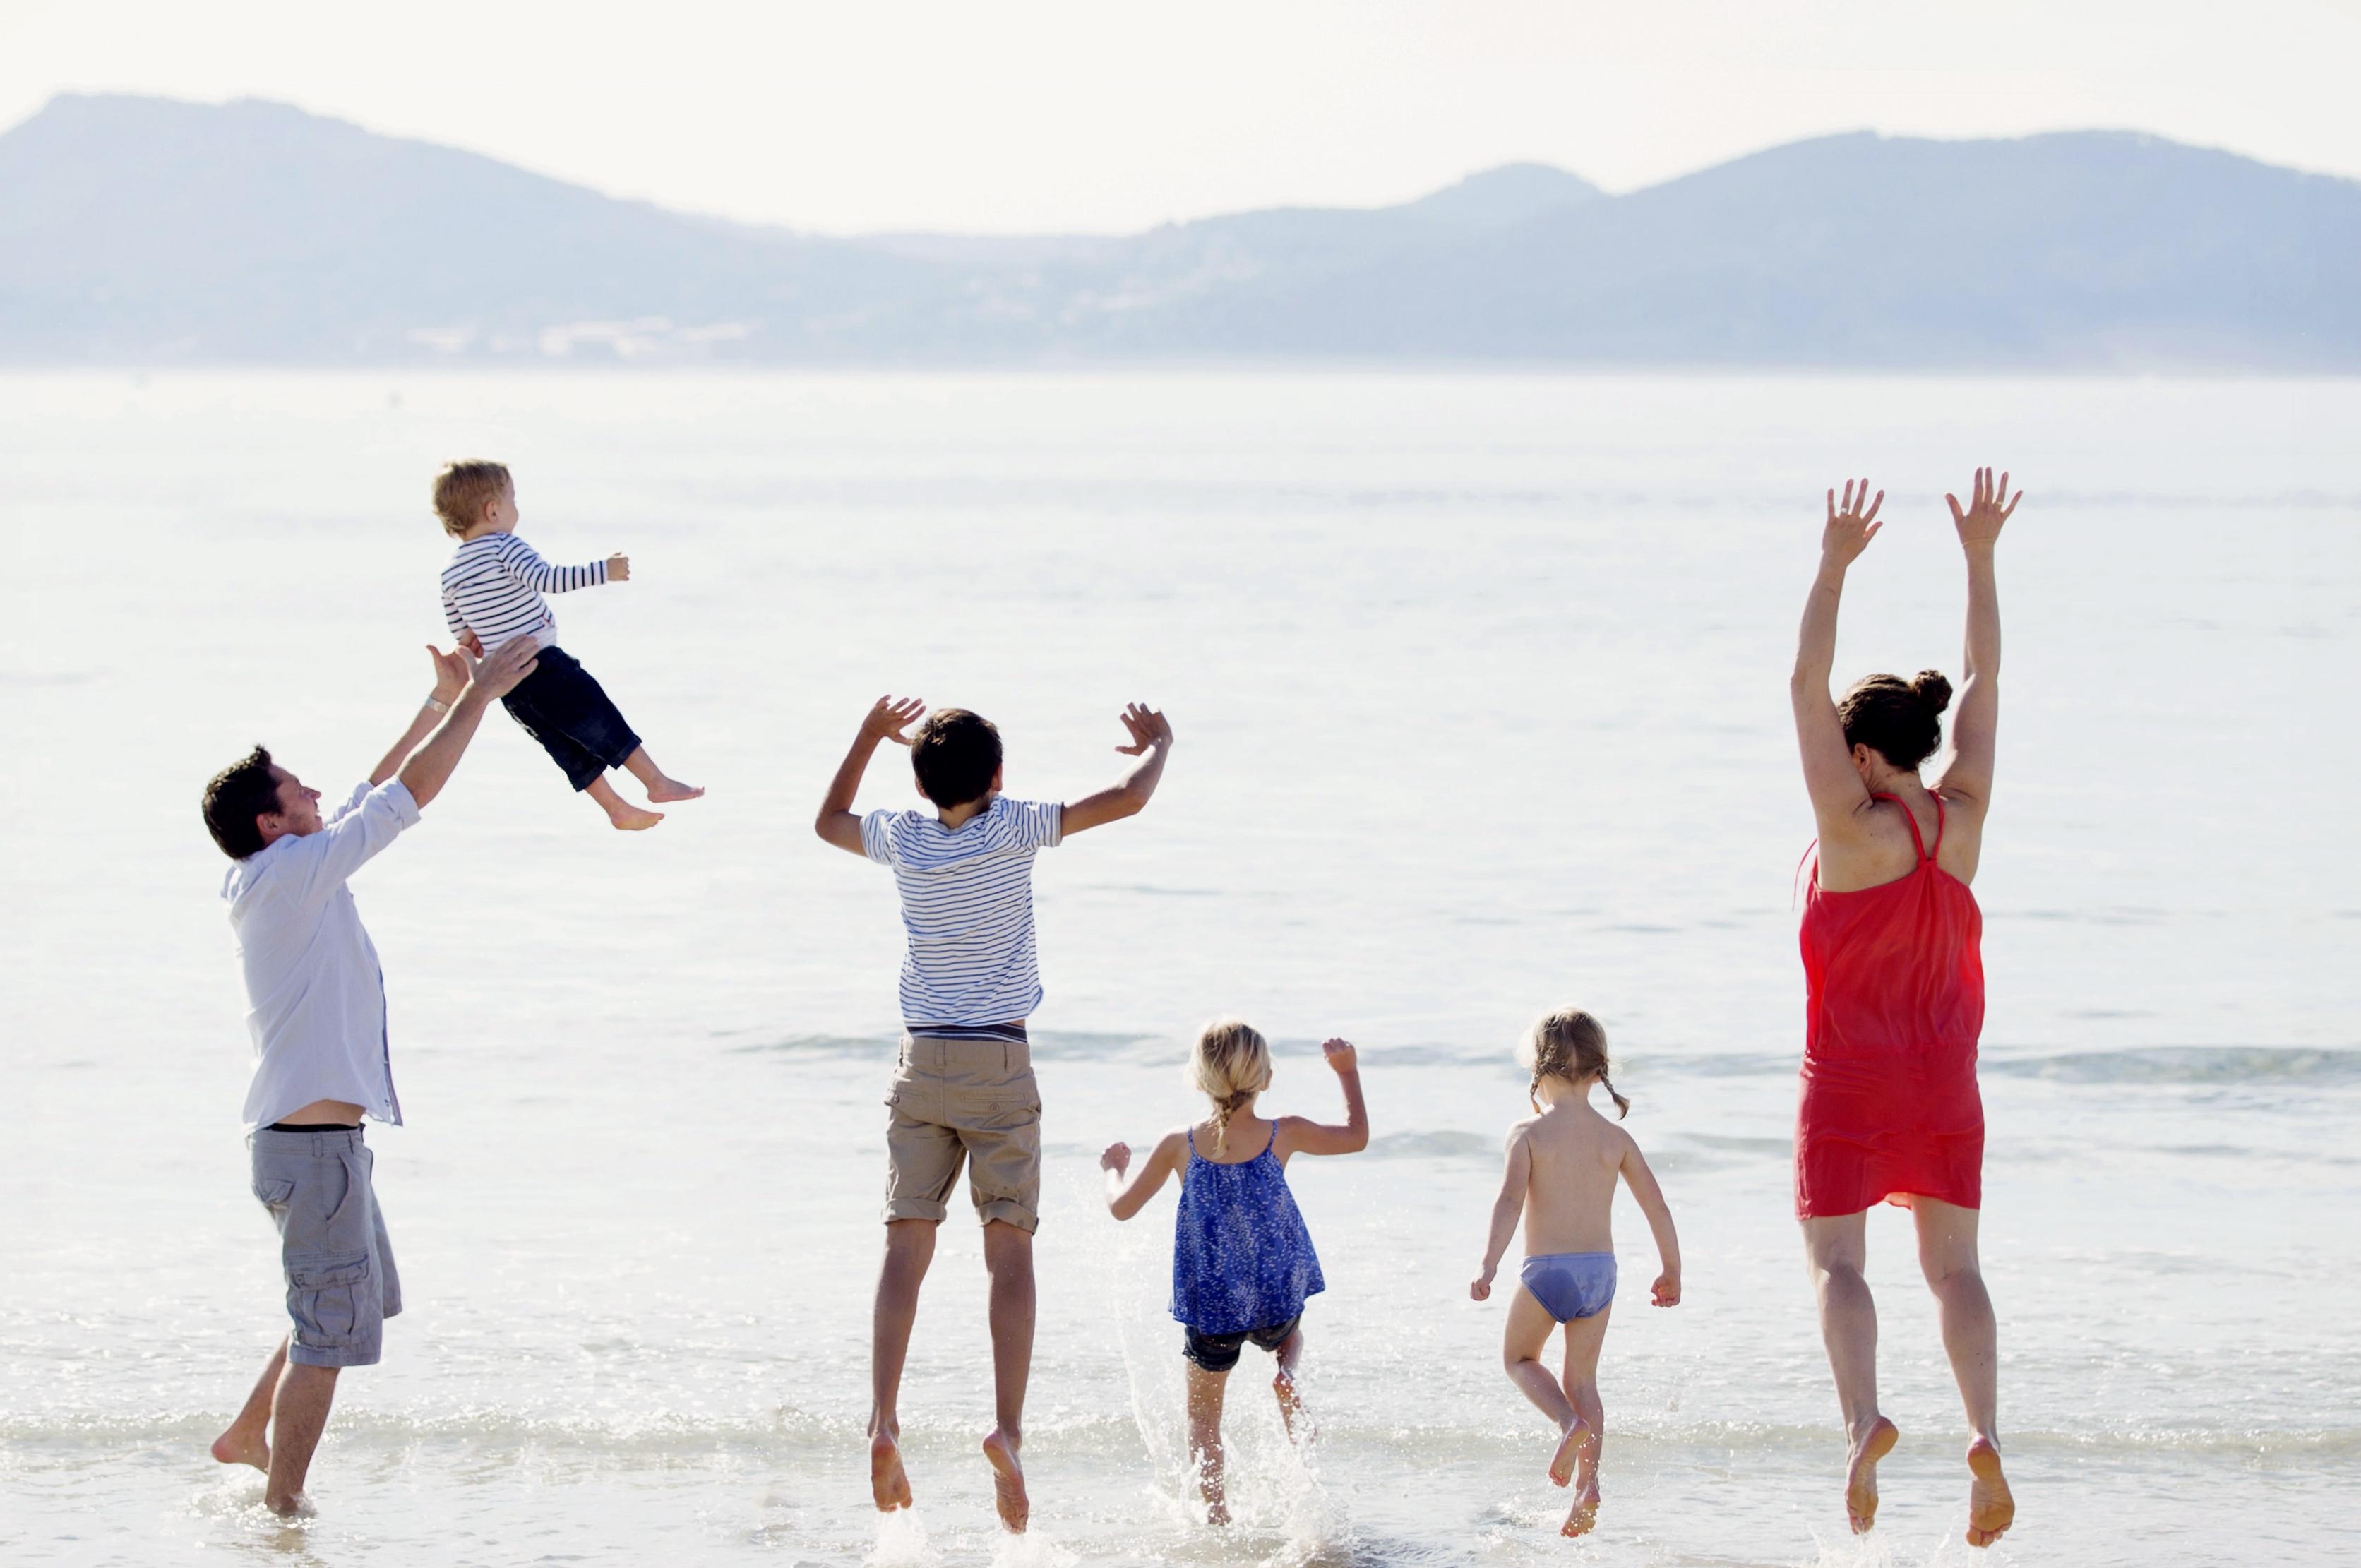 Hvert år får mange tusinde danske rejsende brug for hjælp fra alarmcentralen SOS International under ferie i udlandet. Pressefoto: SOS International.